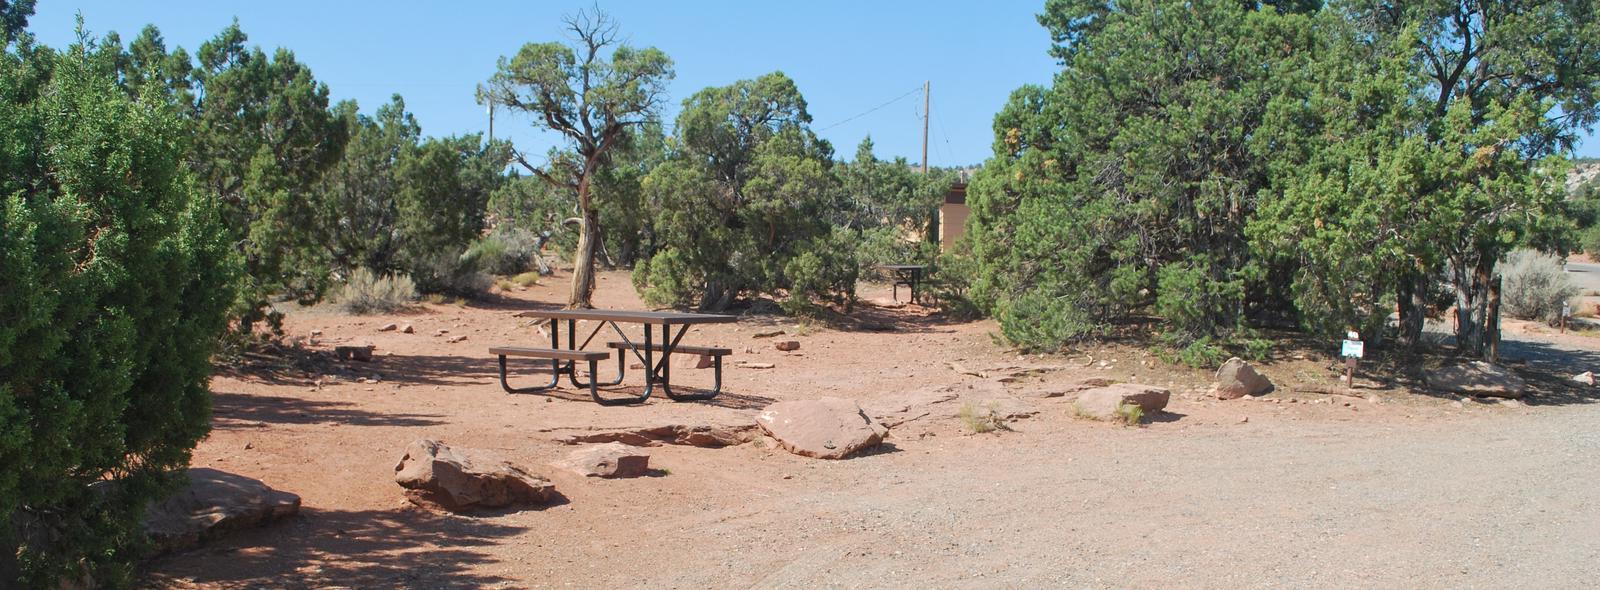 Loop B Site 40